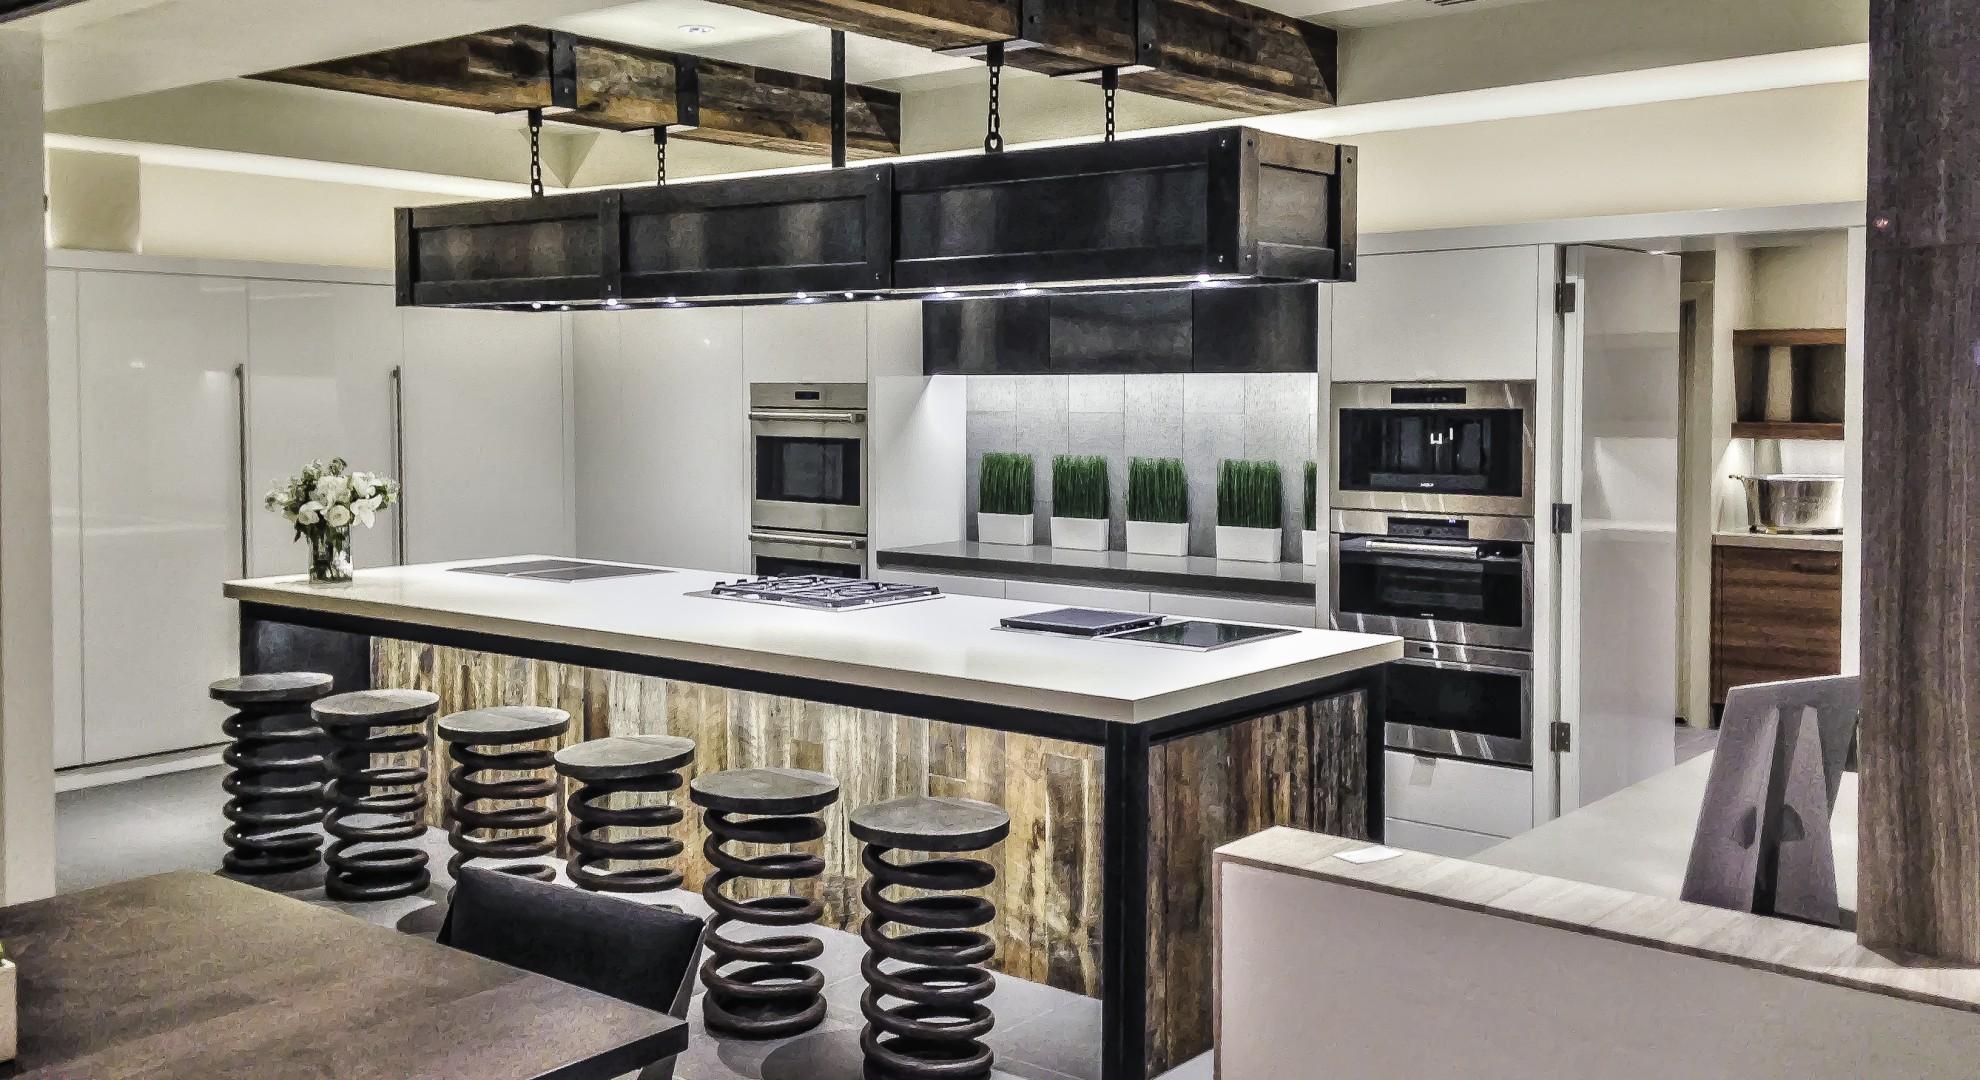 Modern Kitchen Home Remodel Salt Lake City. Salt Lake City Remodeling   Knodel Construction